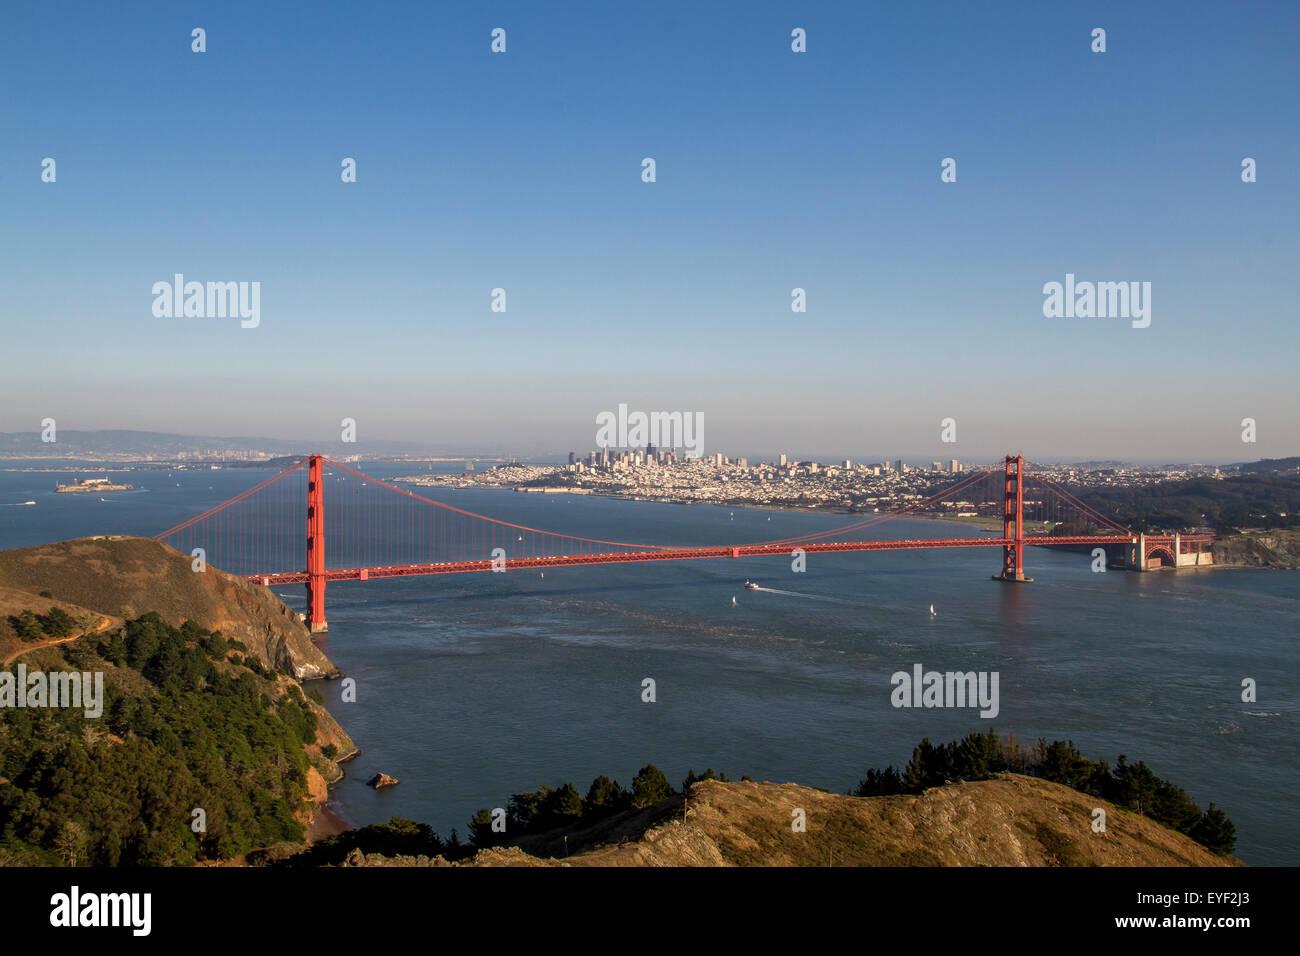 Die Golden Gate Hängebrücke von den Marin Headlands, San Francisco, Kalifornien, USA Stockfoto